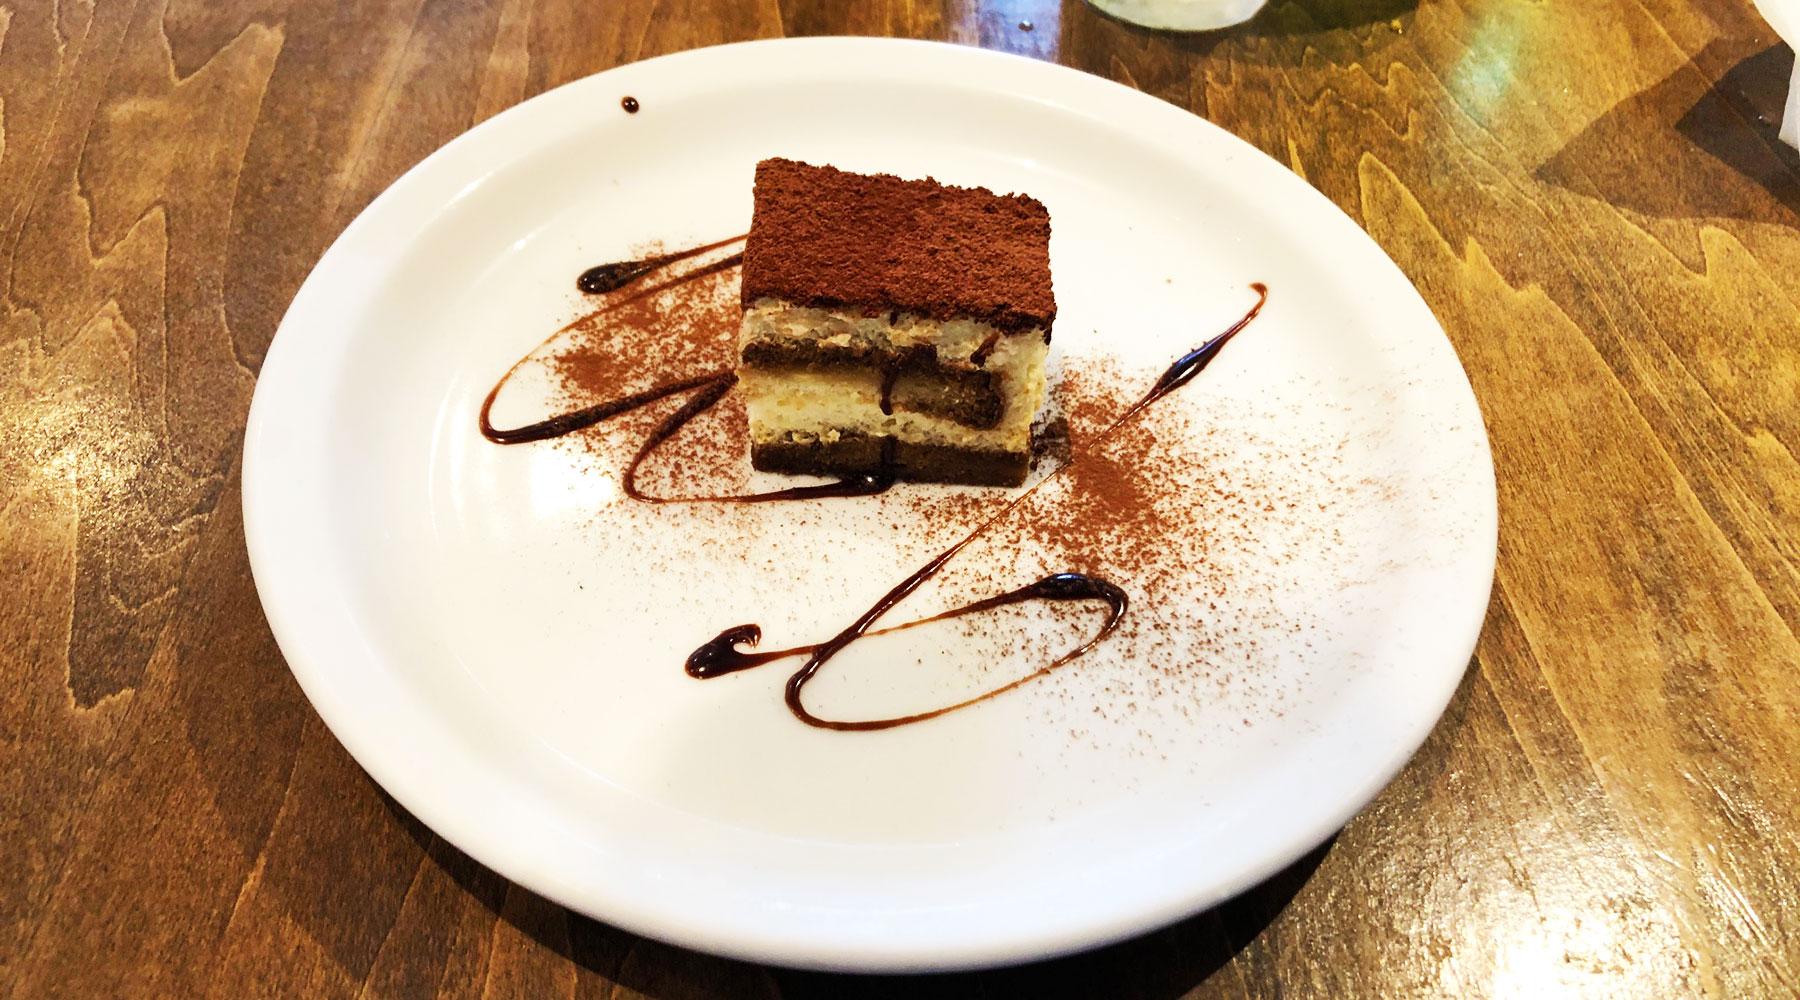 浦和西口・グッディーズカフェ、ランチのデザート